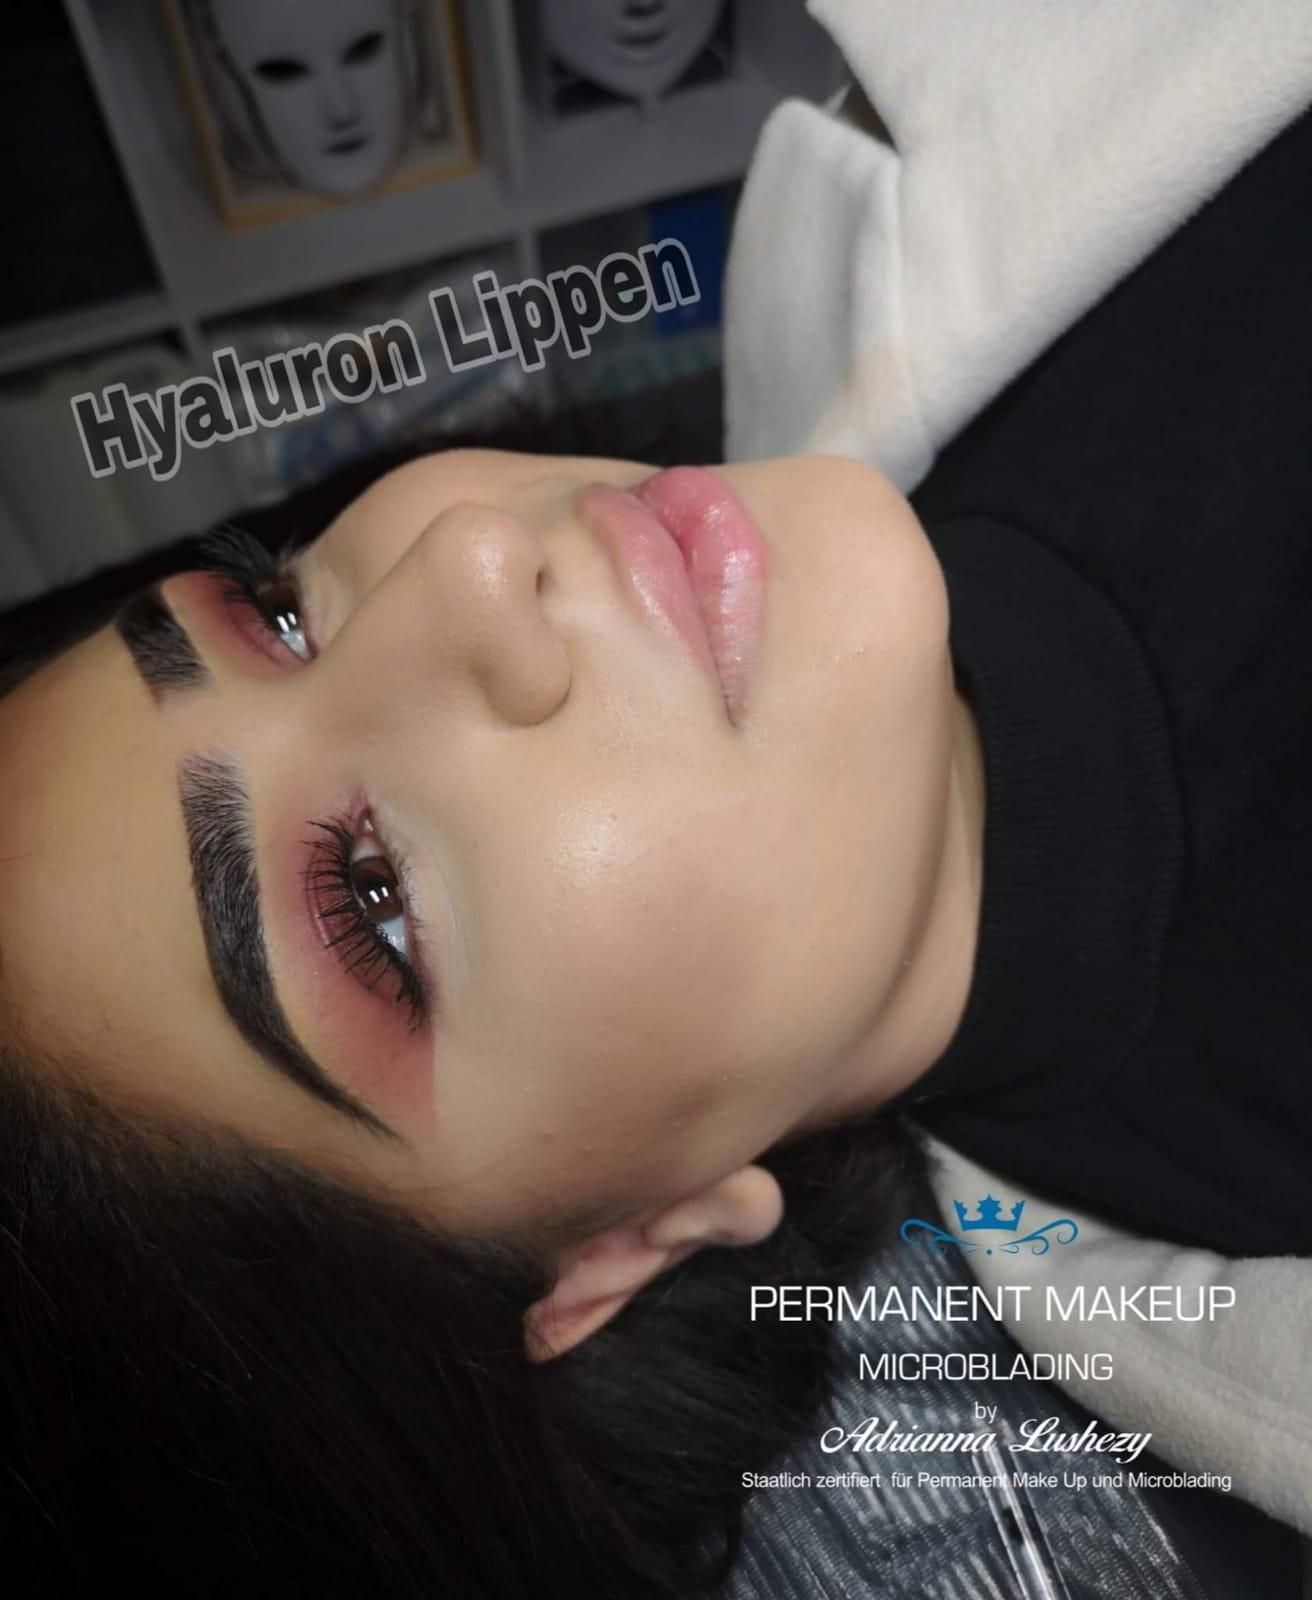 hiyaluron-pen-wien-1